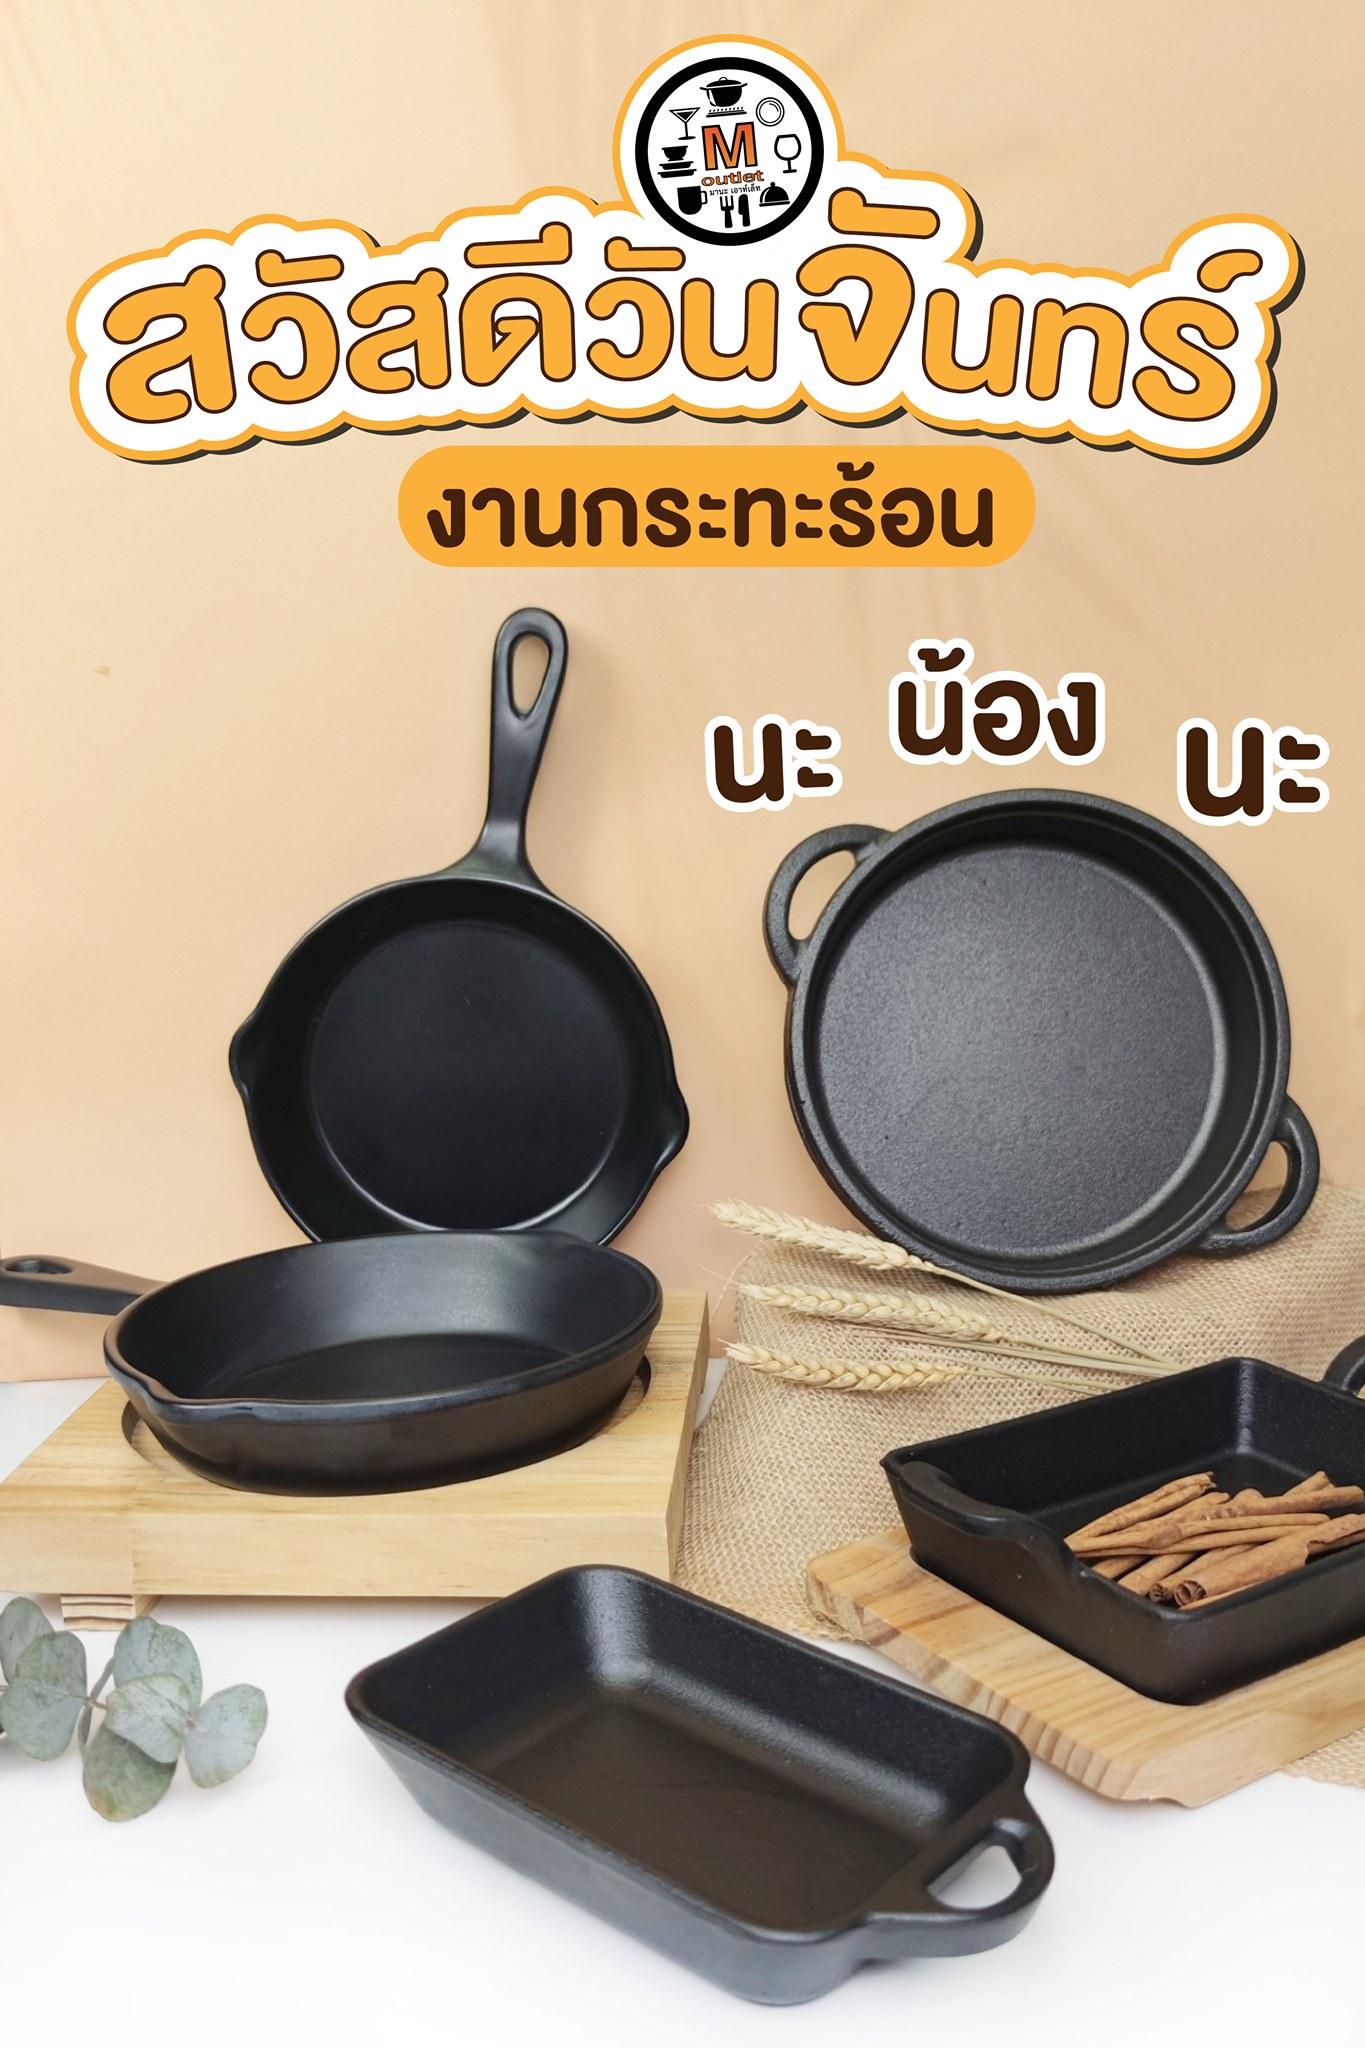 ชุดกระทะร้อนอลูมิเนียมแท้ ( Made in thailand )